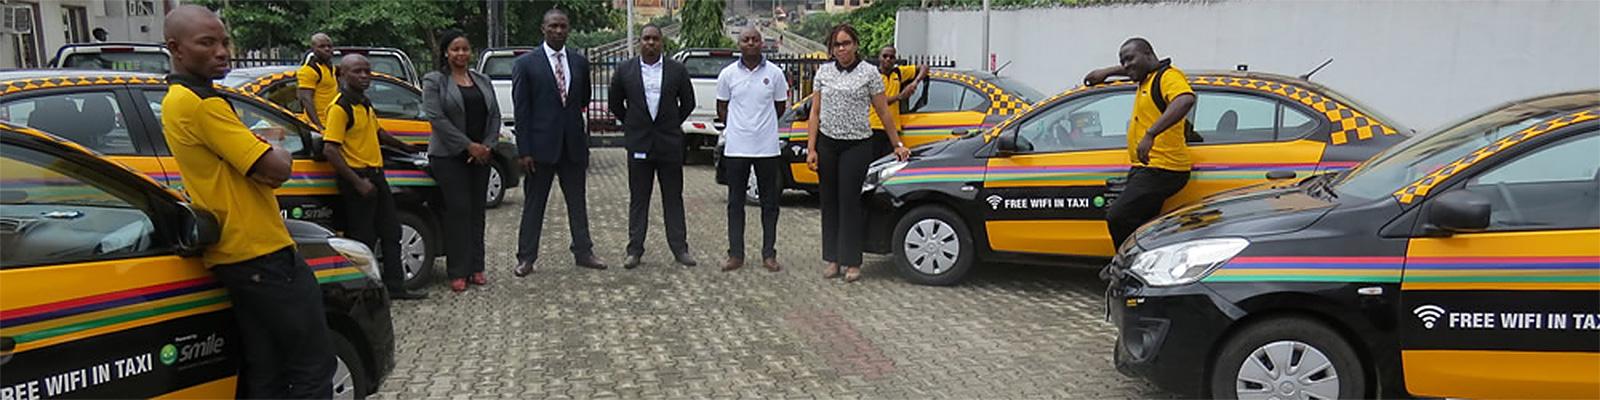 ナイジェリアのMetroタクシー、無料Wi-Fi提供